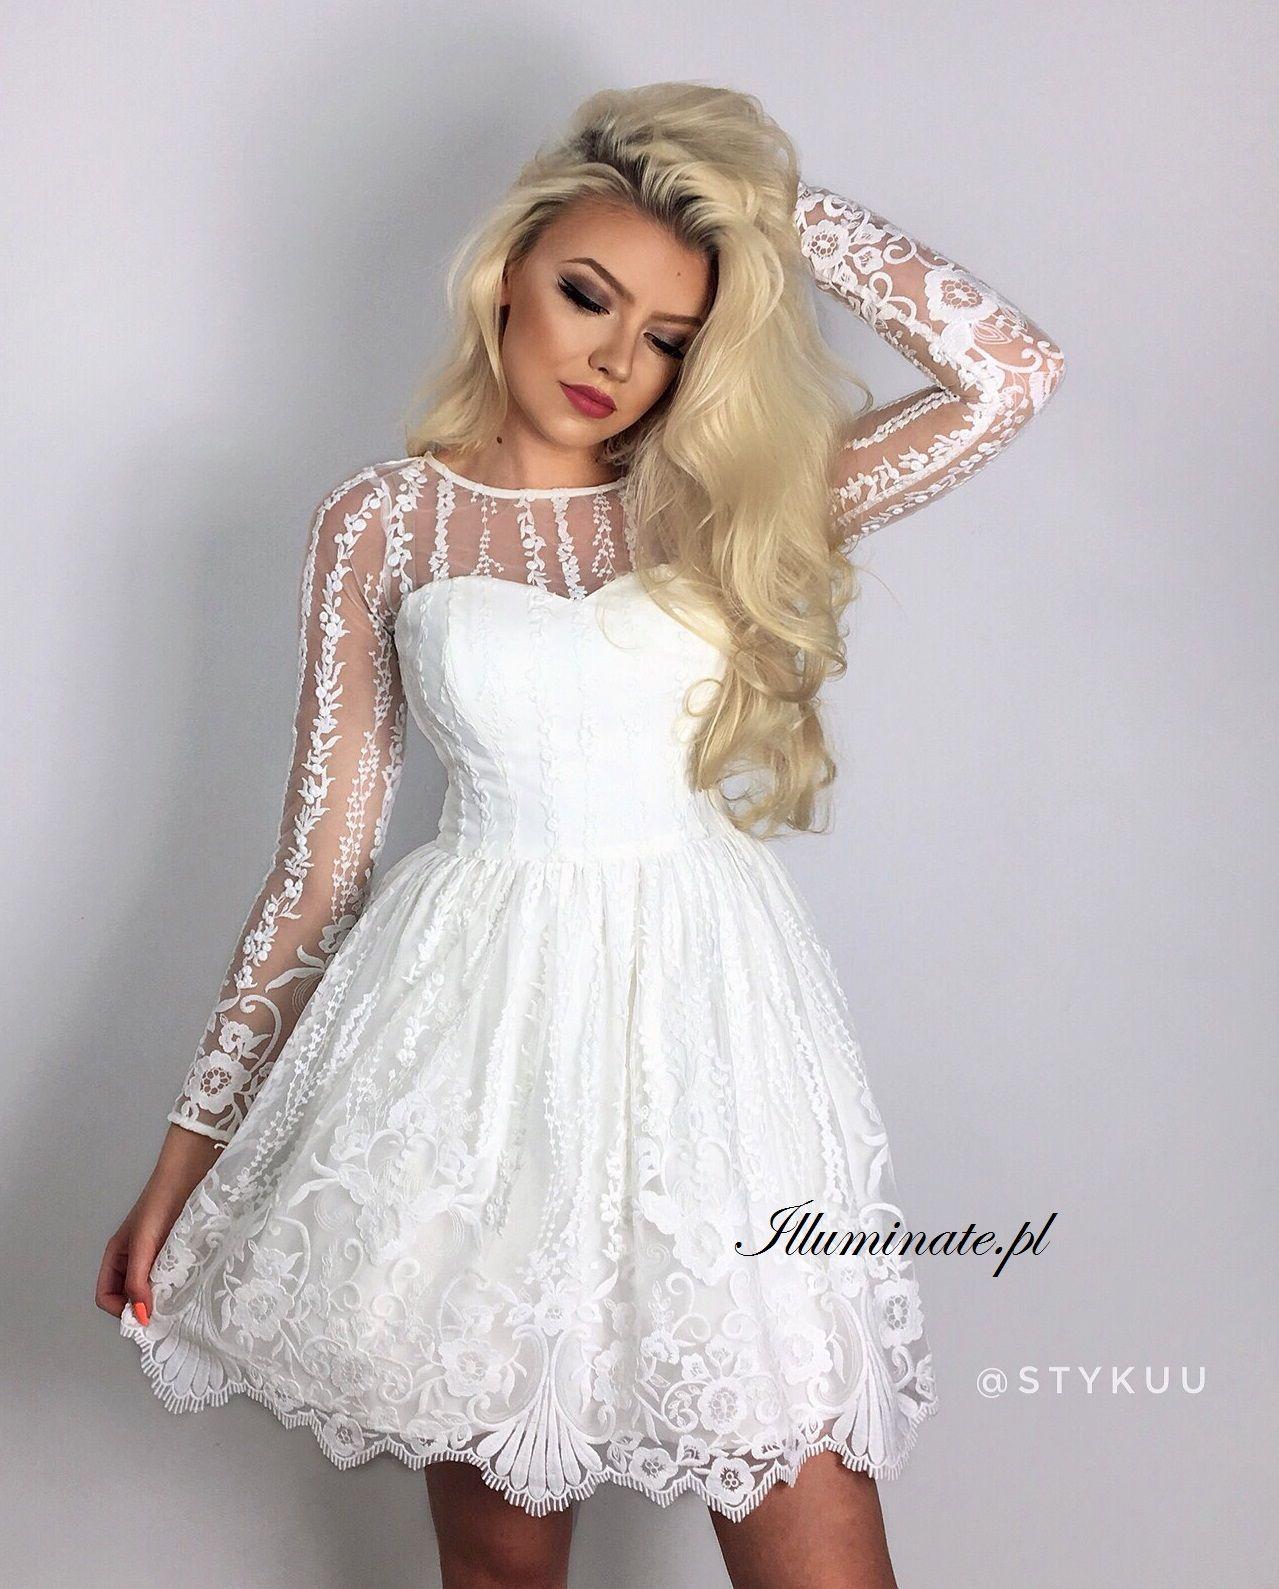 de274867886 Allison Rozkloszowana biała sukienka z długim rękawem, wykonana z kilku  warstw tiulu. Sukienka uszyta jest z pięknej gipiury z delikatnym kwiatowym  motywem